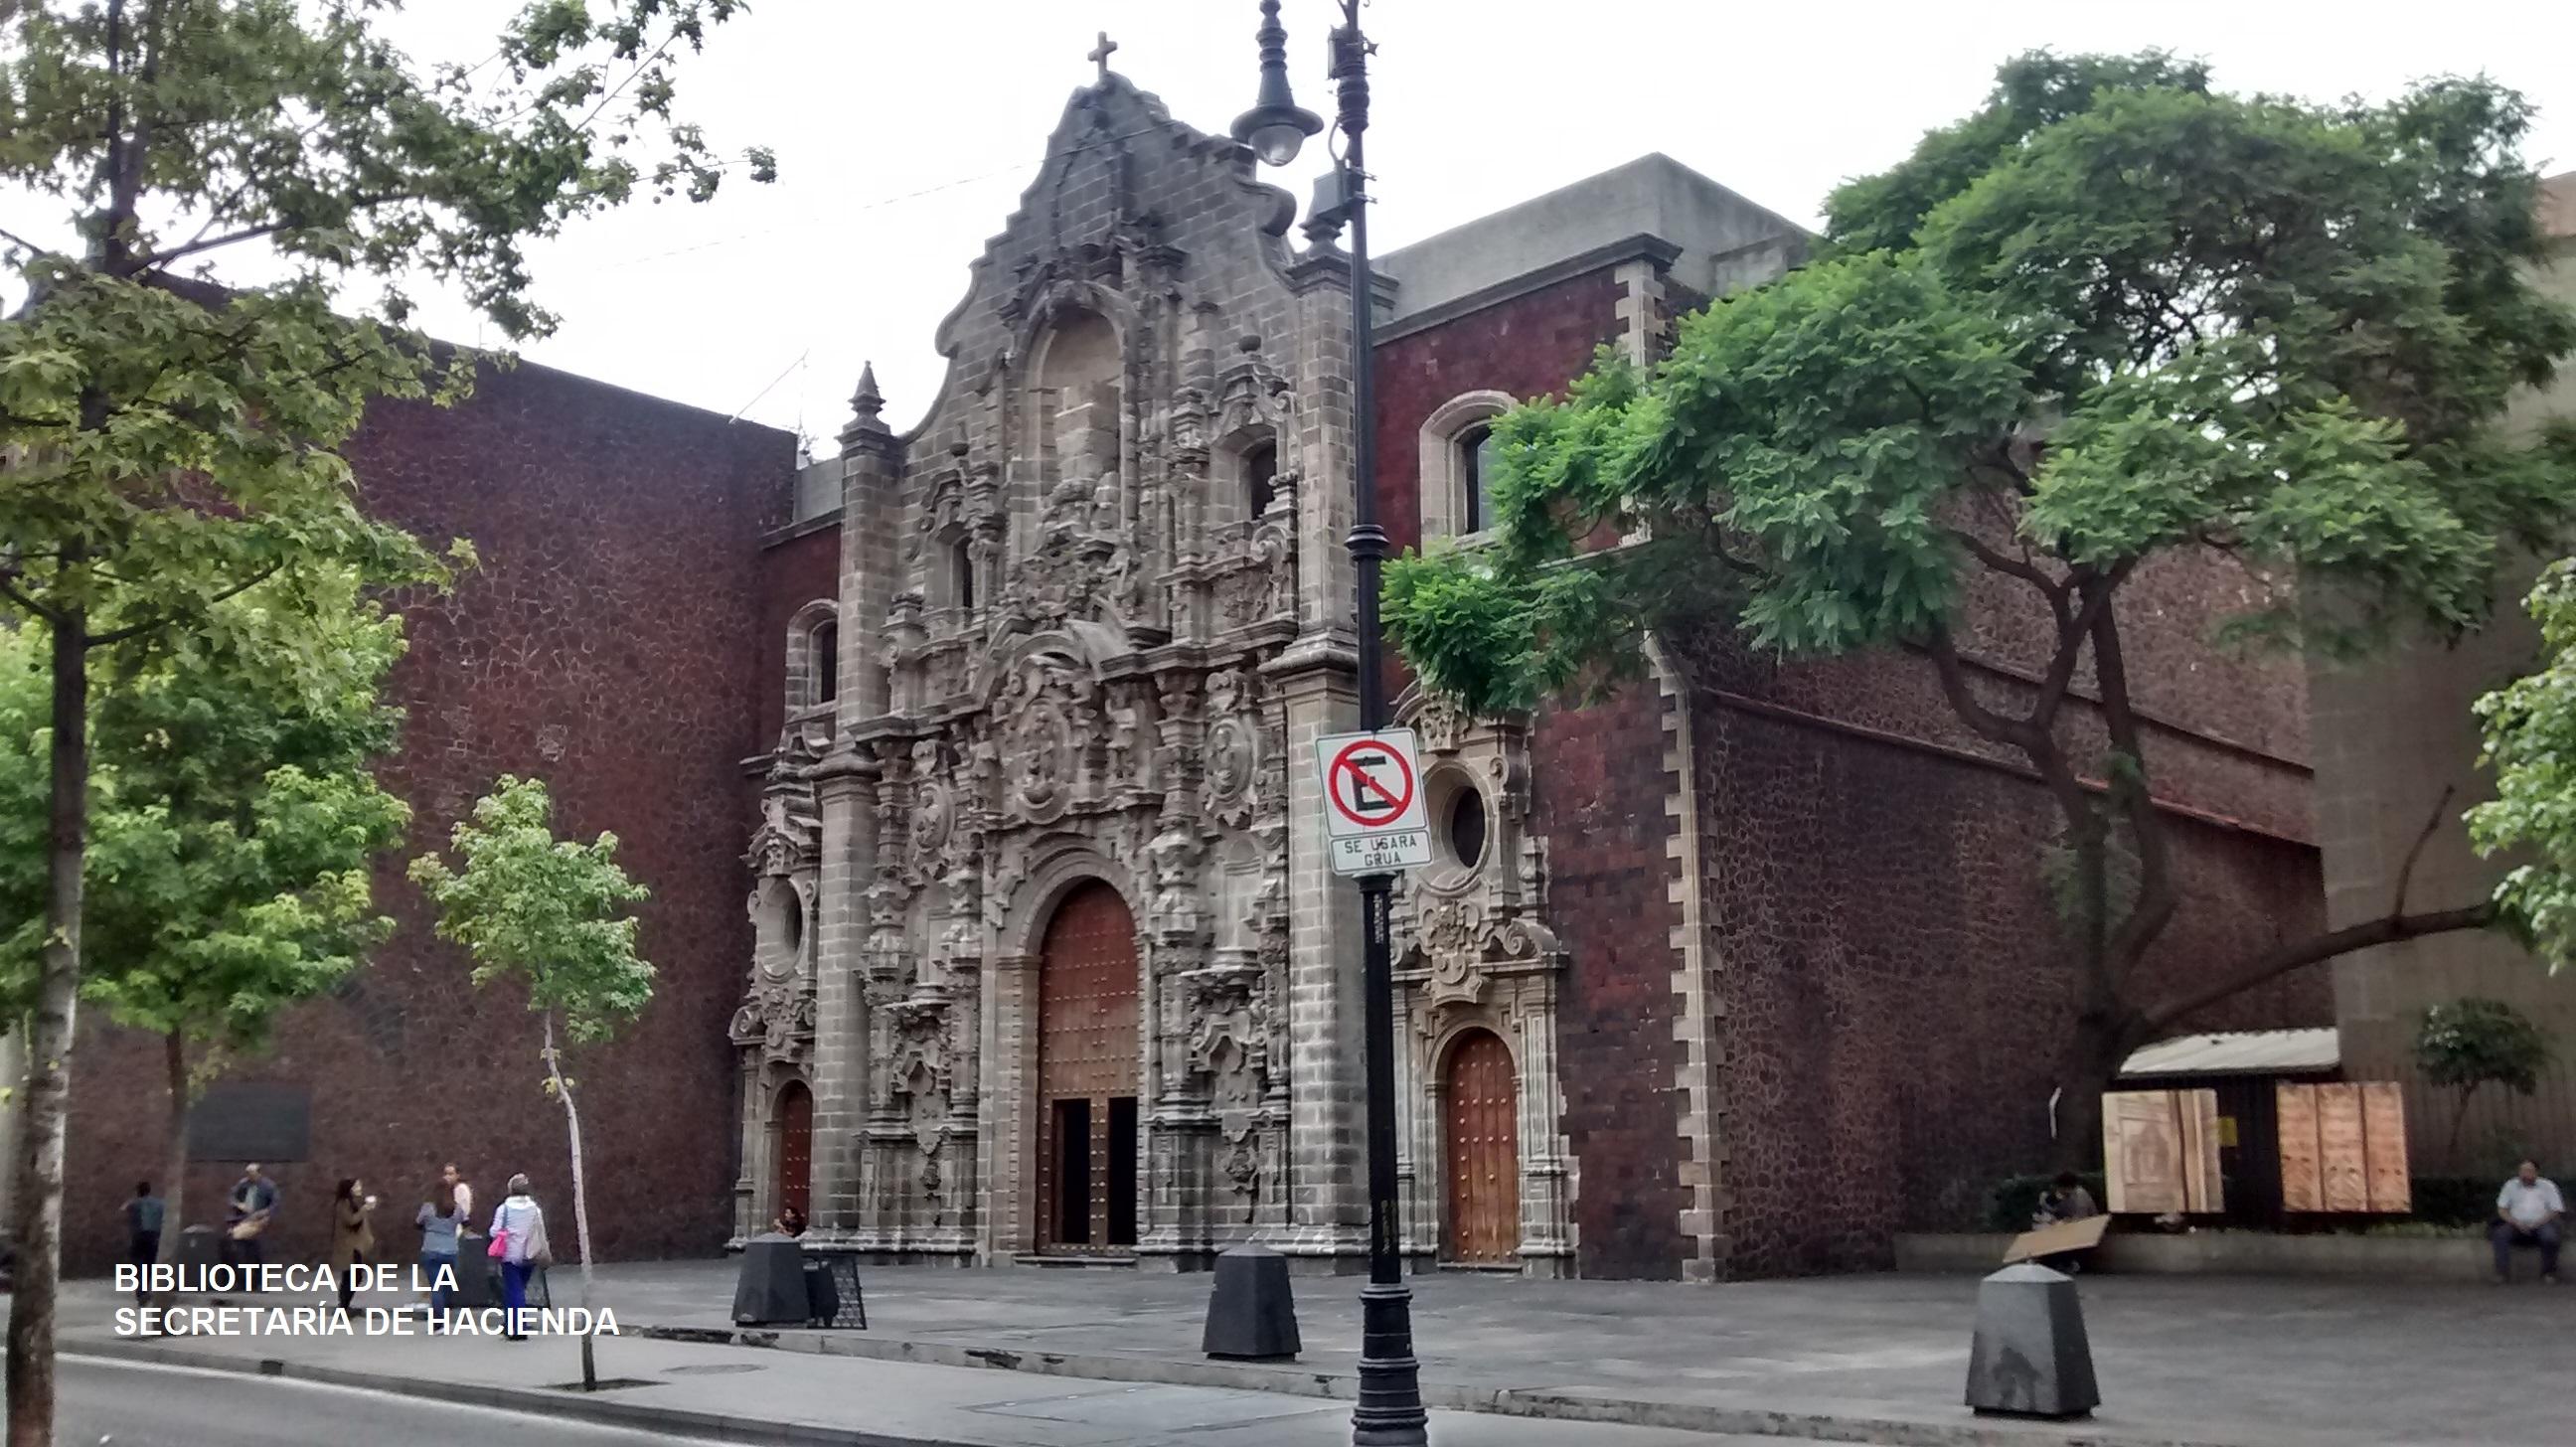 6. Biblioteca de la Secretaría de Hacienda (Roberto Santa Cruz)